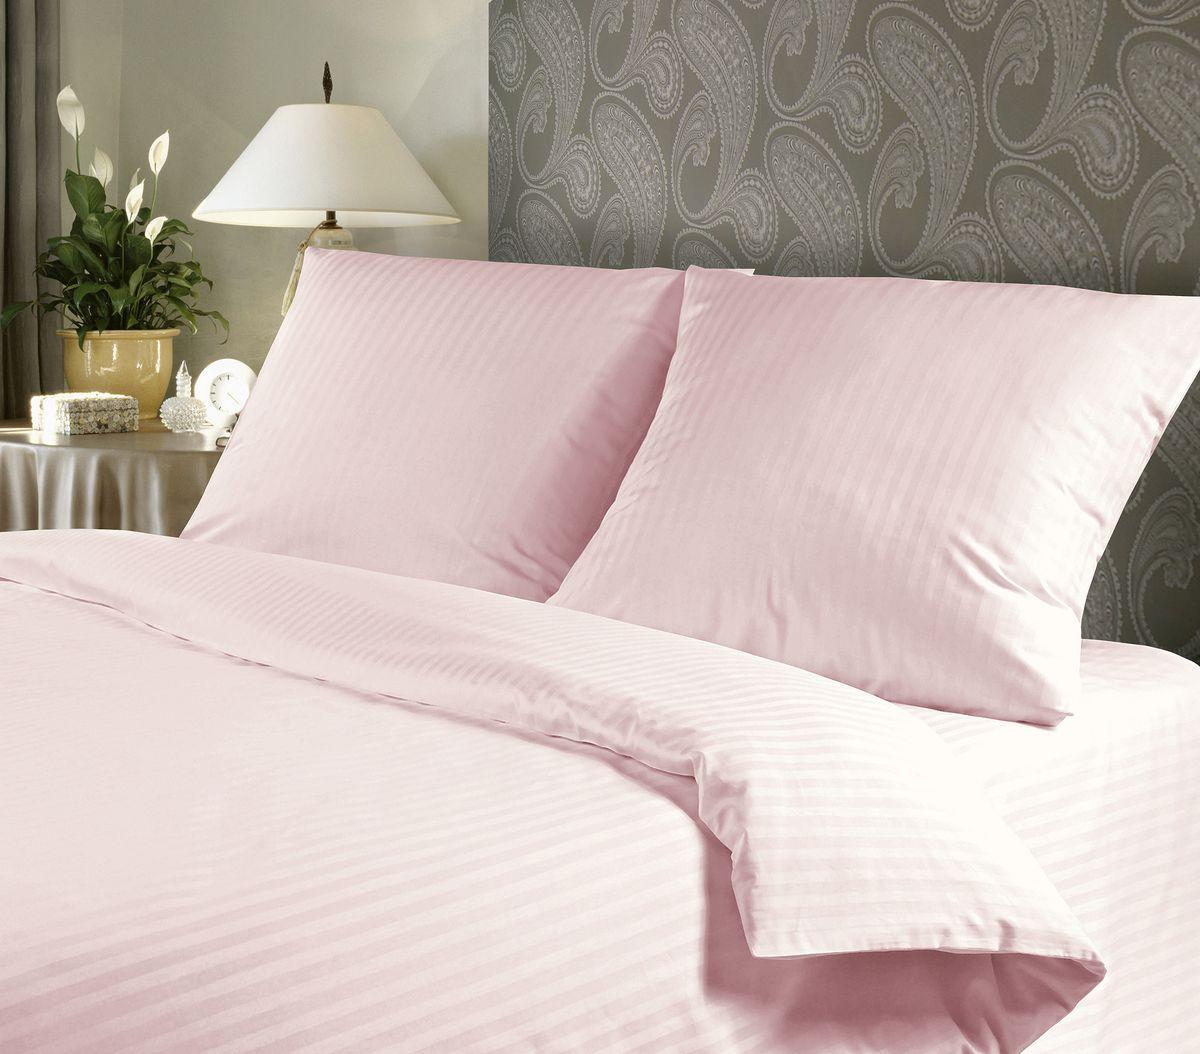 Комплект белья Verossa, 2-спальный, наволочки 70х70, цвет: розовыйCLP446Сатин - настоящая роскошь для любителей понежиться в постели. Вас манит его блеск, завораживает гладкость, ласкает мягкость, и каждая минута с ним - истинное наслаждение.Тонкая пряжа и атласное переплетение нитей обеспечивают сатину мягкость и деликатность.Легкий блеск сатина делает дизайны живыми и переливающимися.100% хлопок, не электризуется и отлично пропускает воздух, ткань дышит.Легко стирается и практически не требует глажения.Не линяет, не изменяет вид после многочисленных стирок.